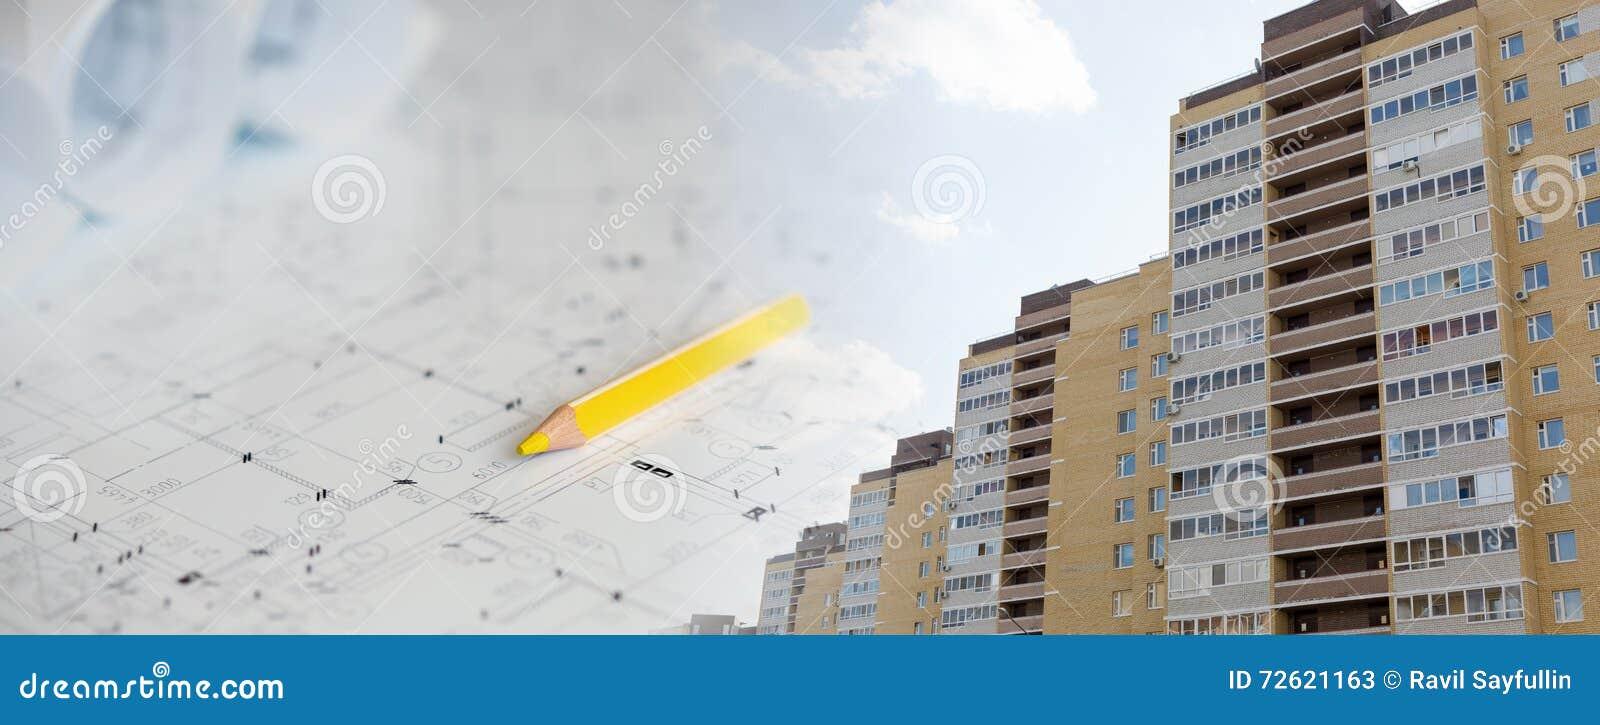 Collage avec des plans de construction et un bâtiment moderne